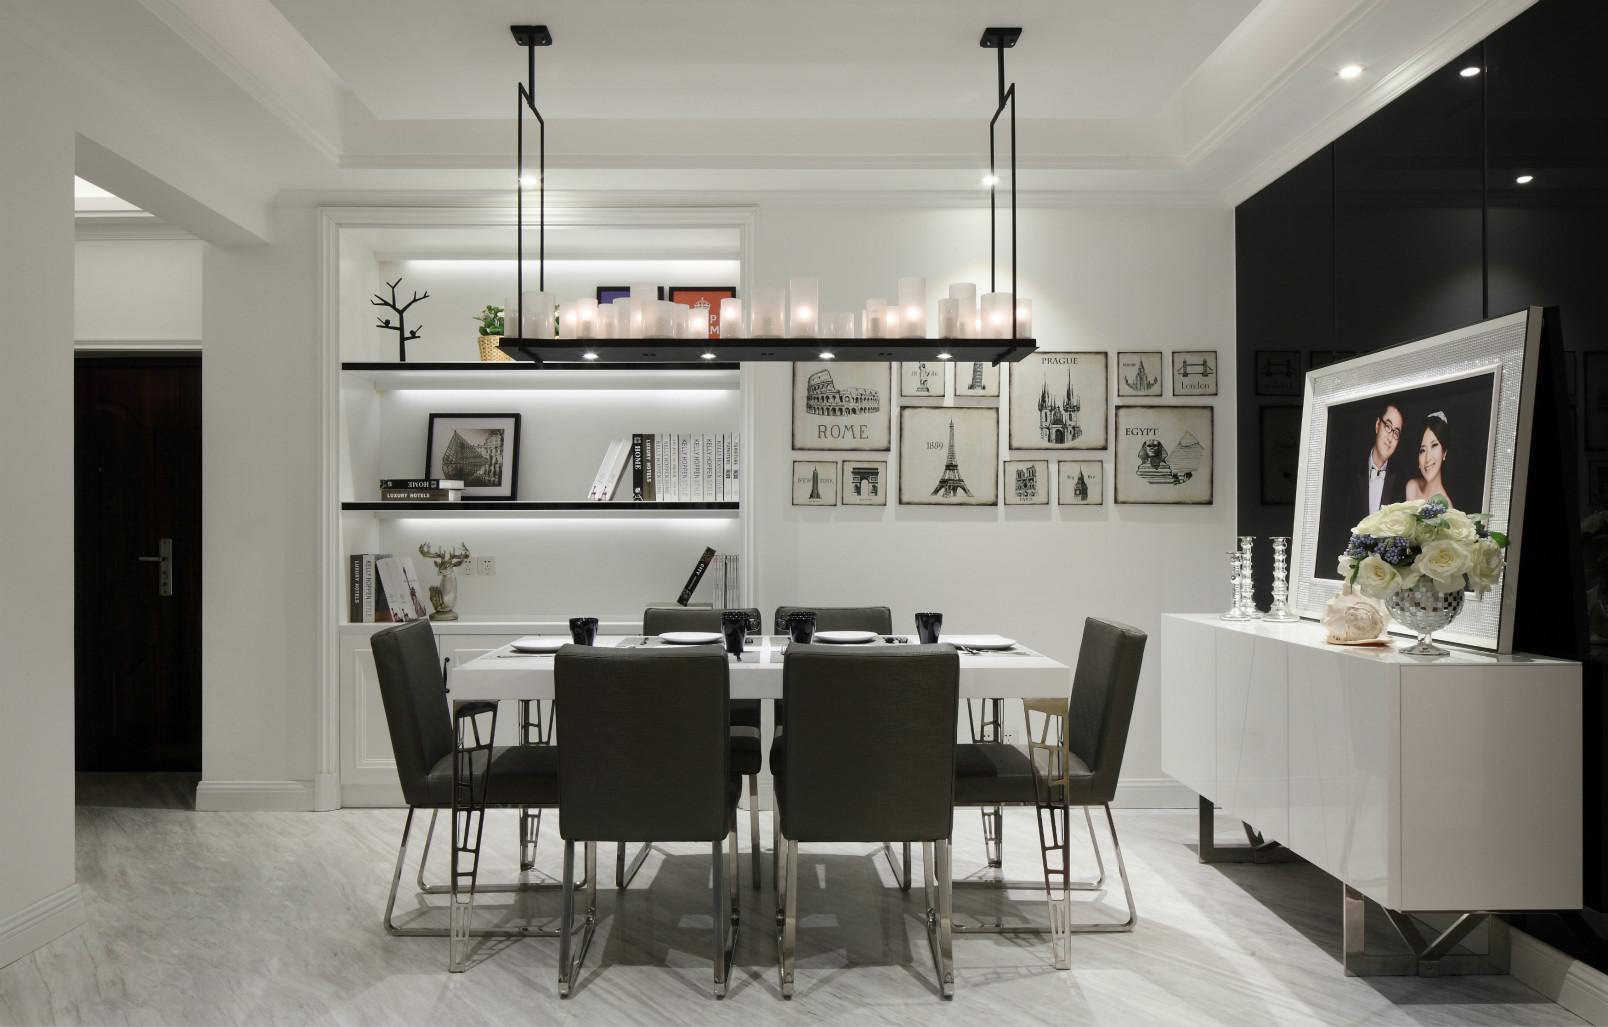 餐厅在门口正对面,白色的餐桌搭配深色的餐椅,有种把地板和墙砖结合起来的样子显得很温馨